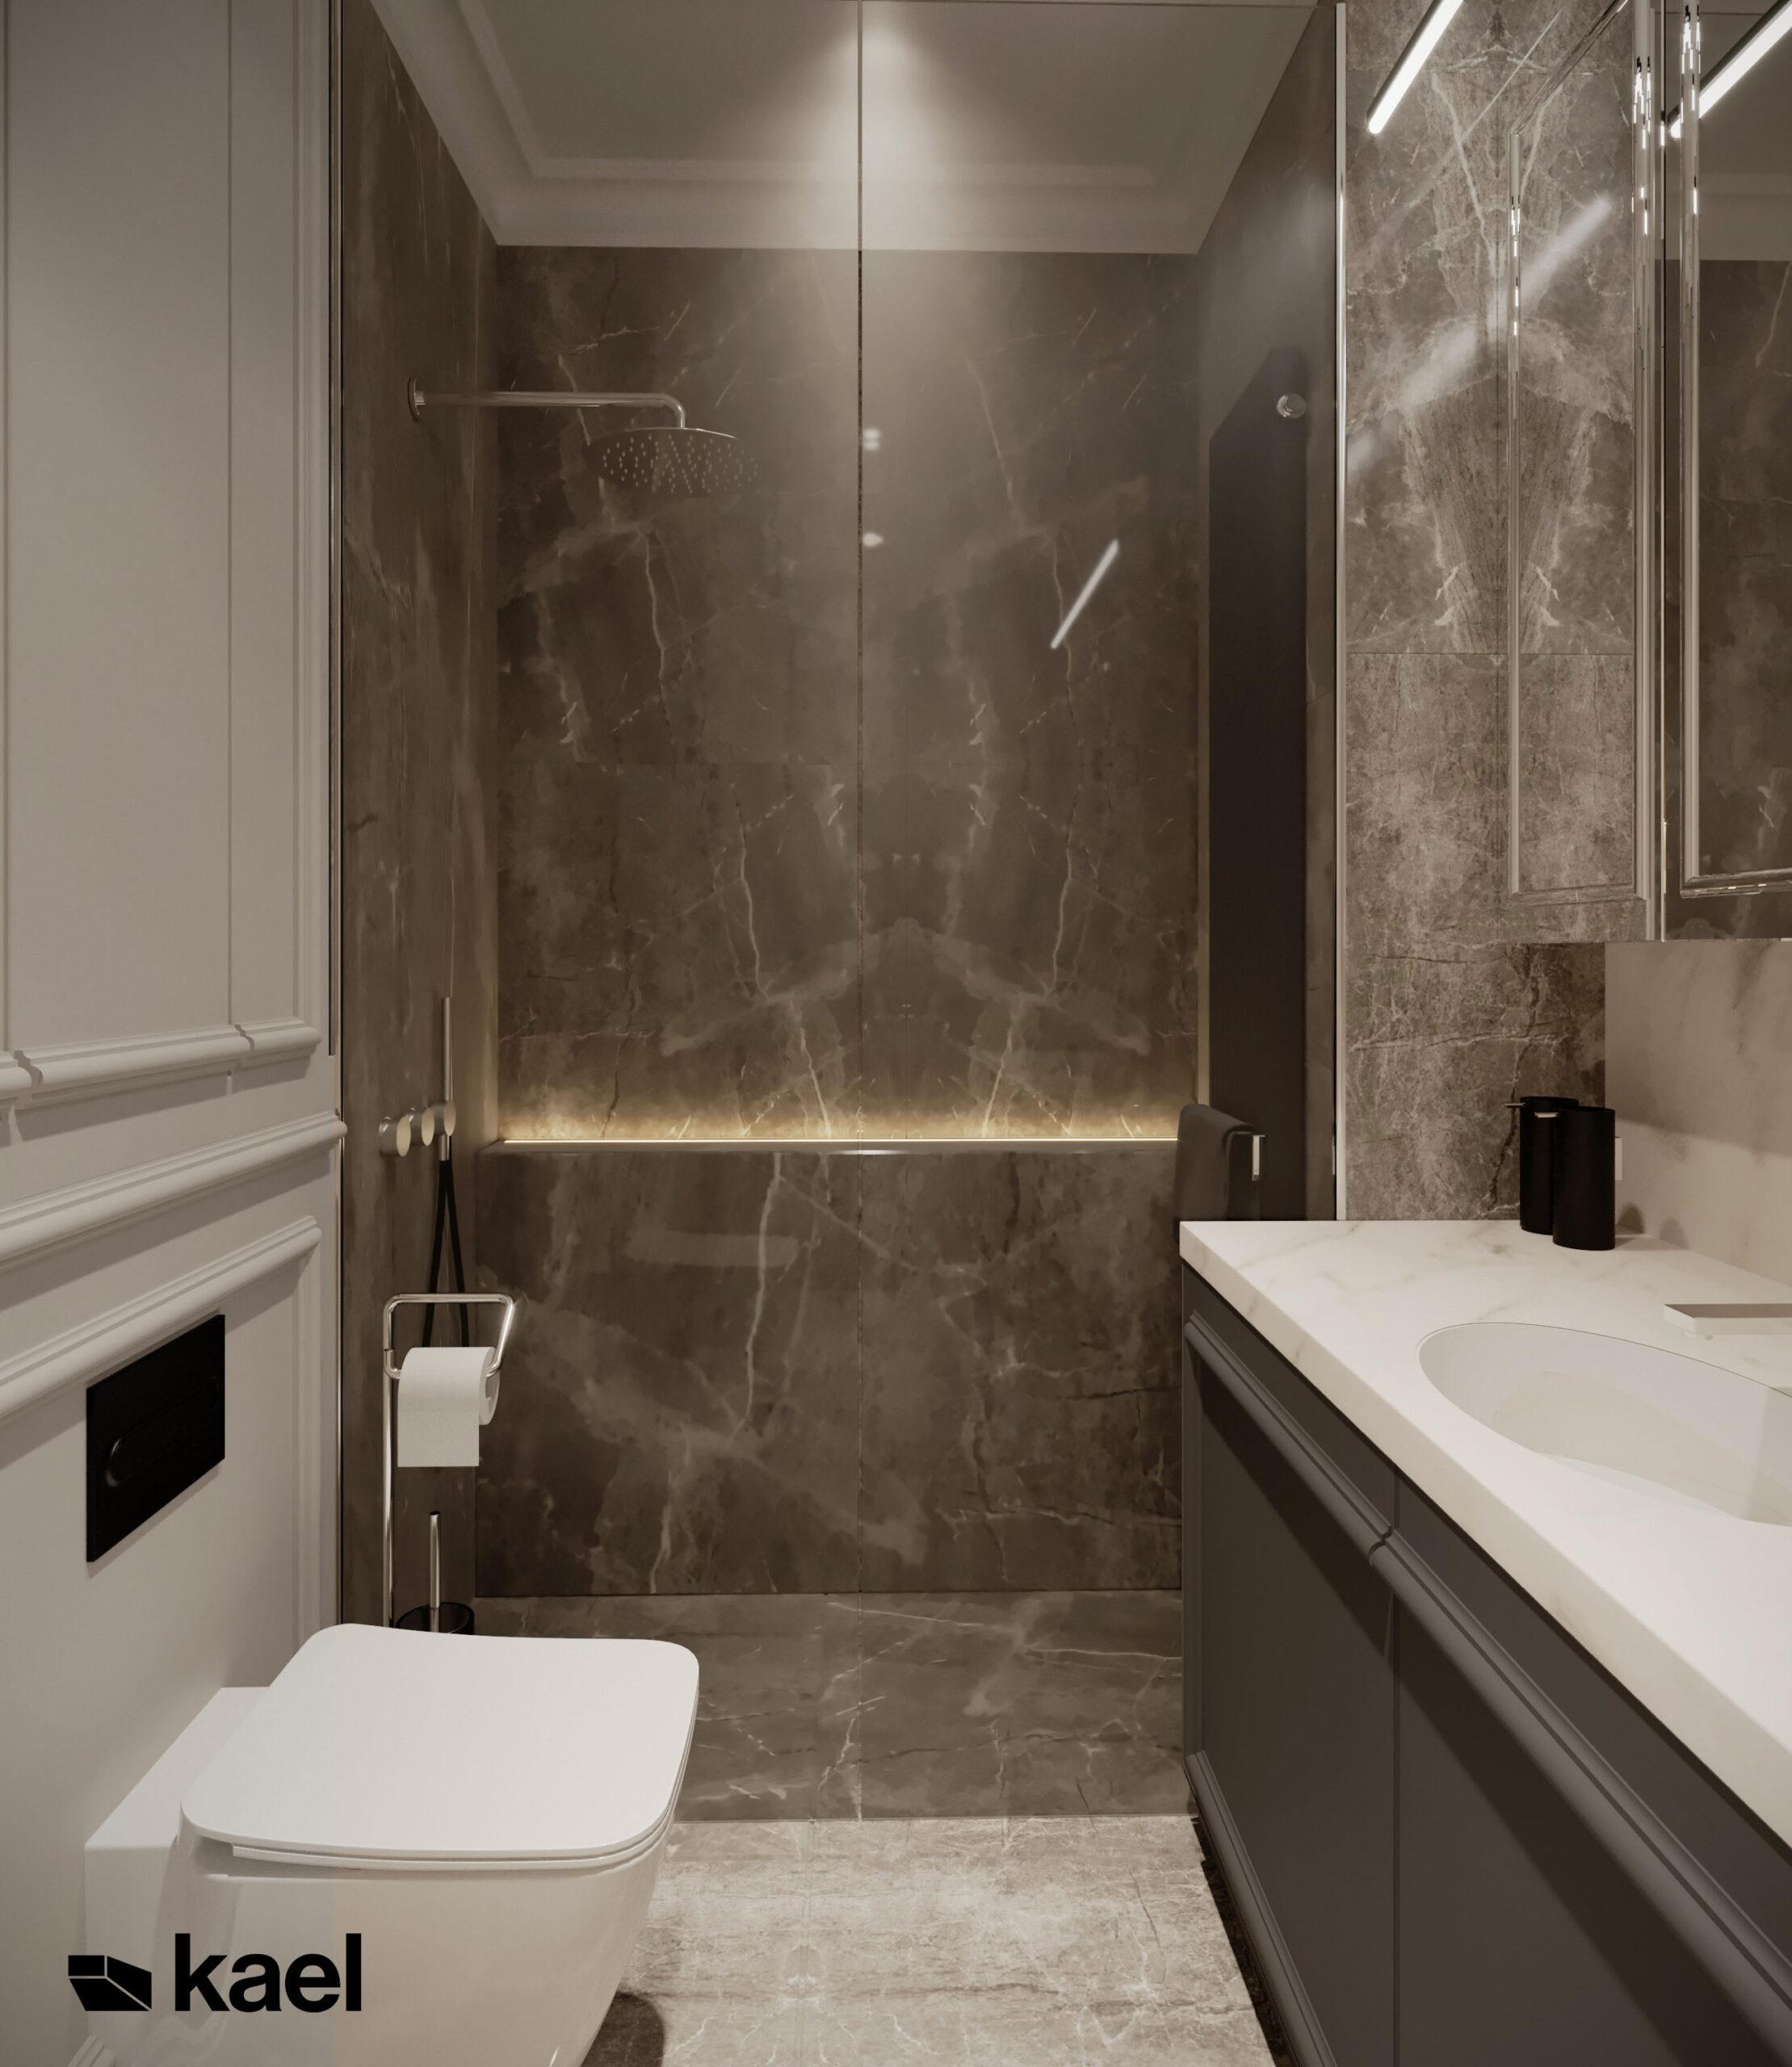 szara płytka marmurowa w łazience